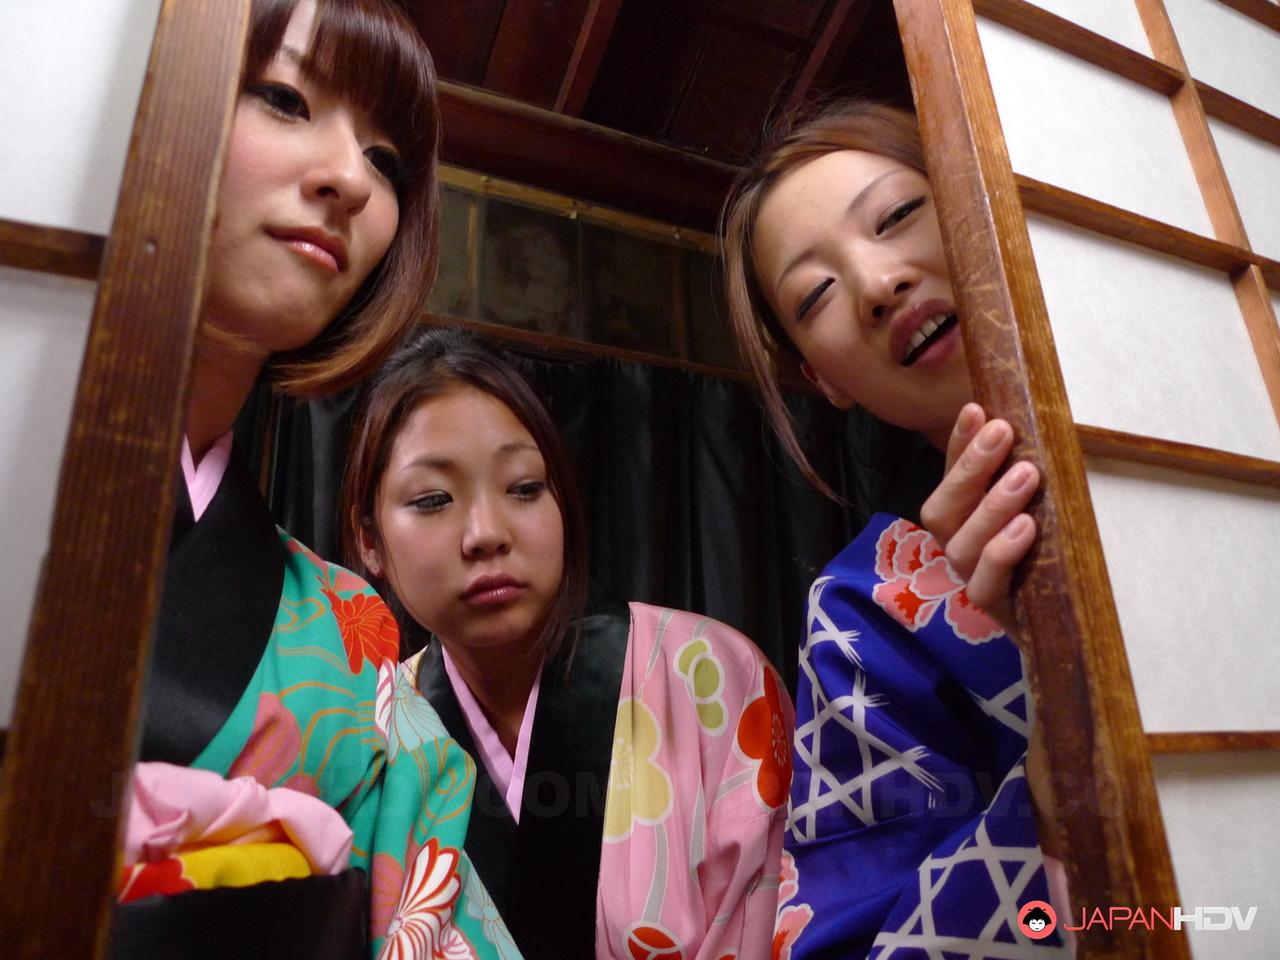 Kimono Slut 30